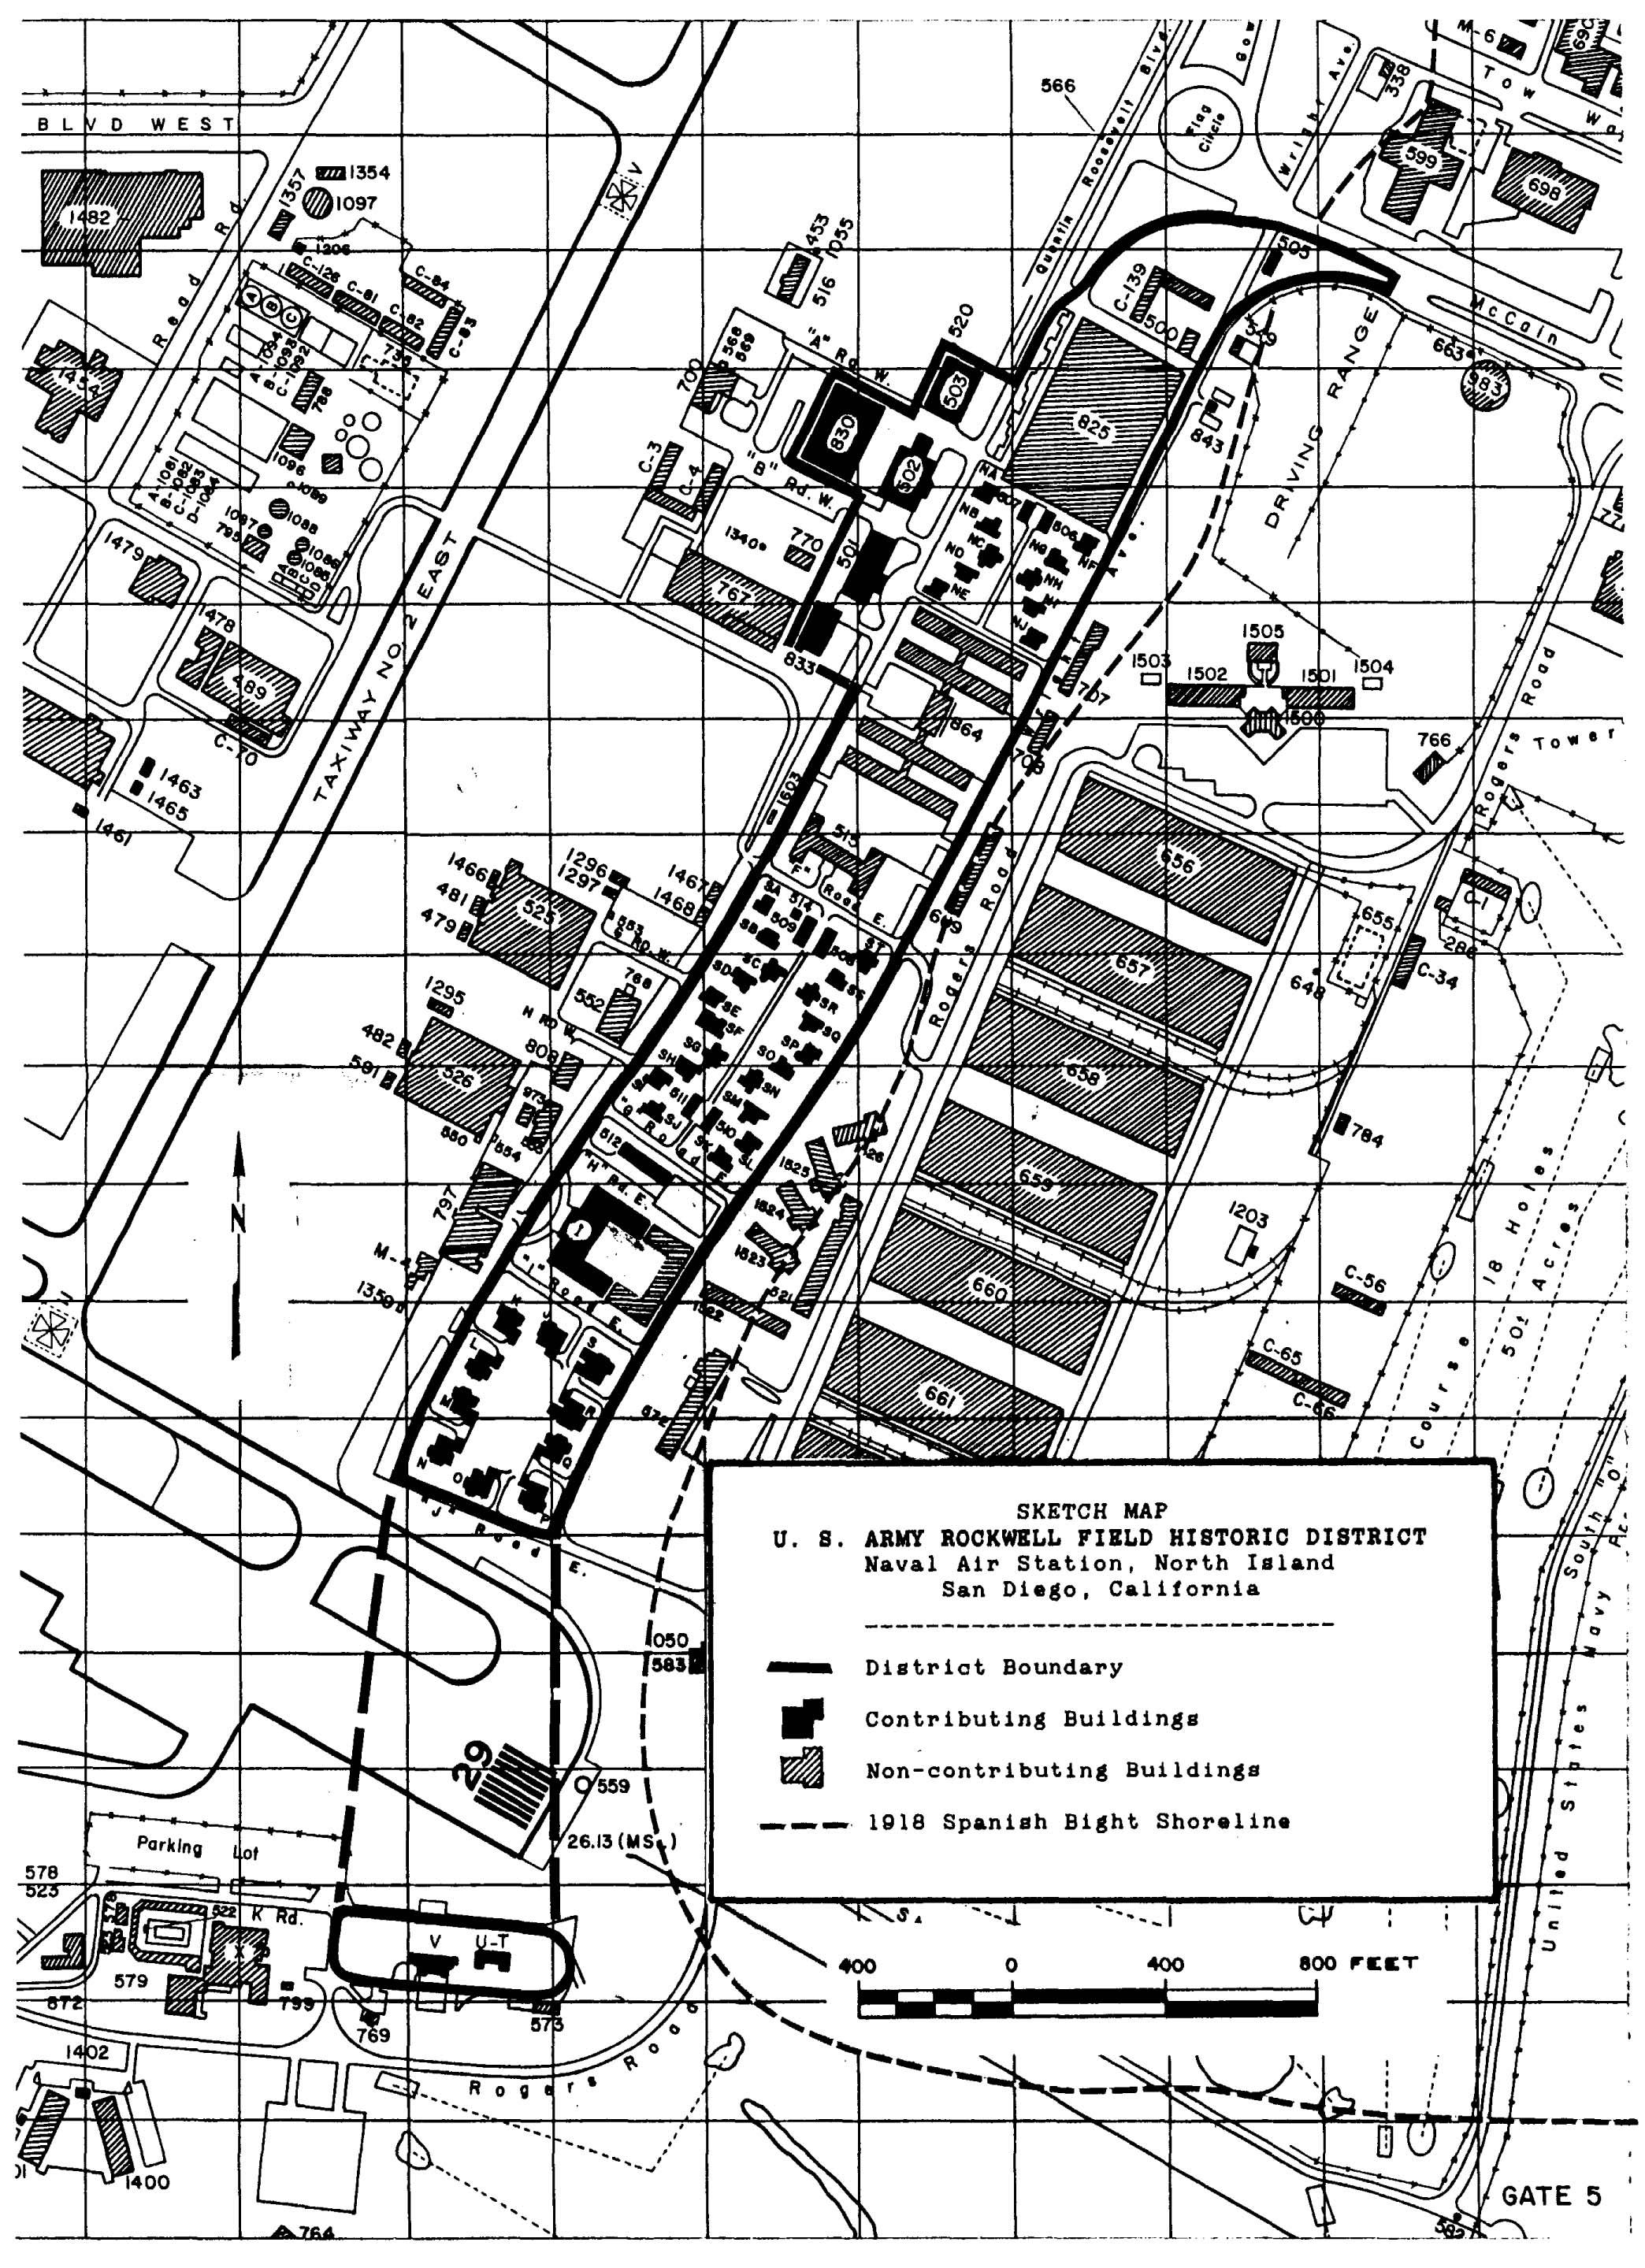 North Island Naval Base - South Bay Historical Society